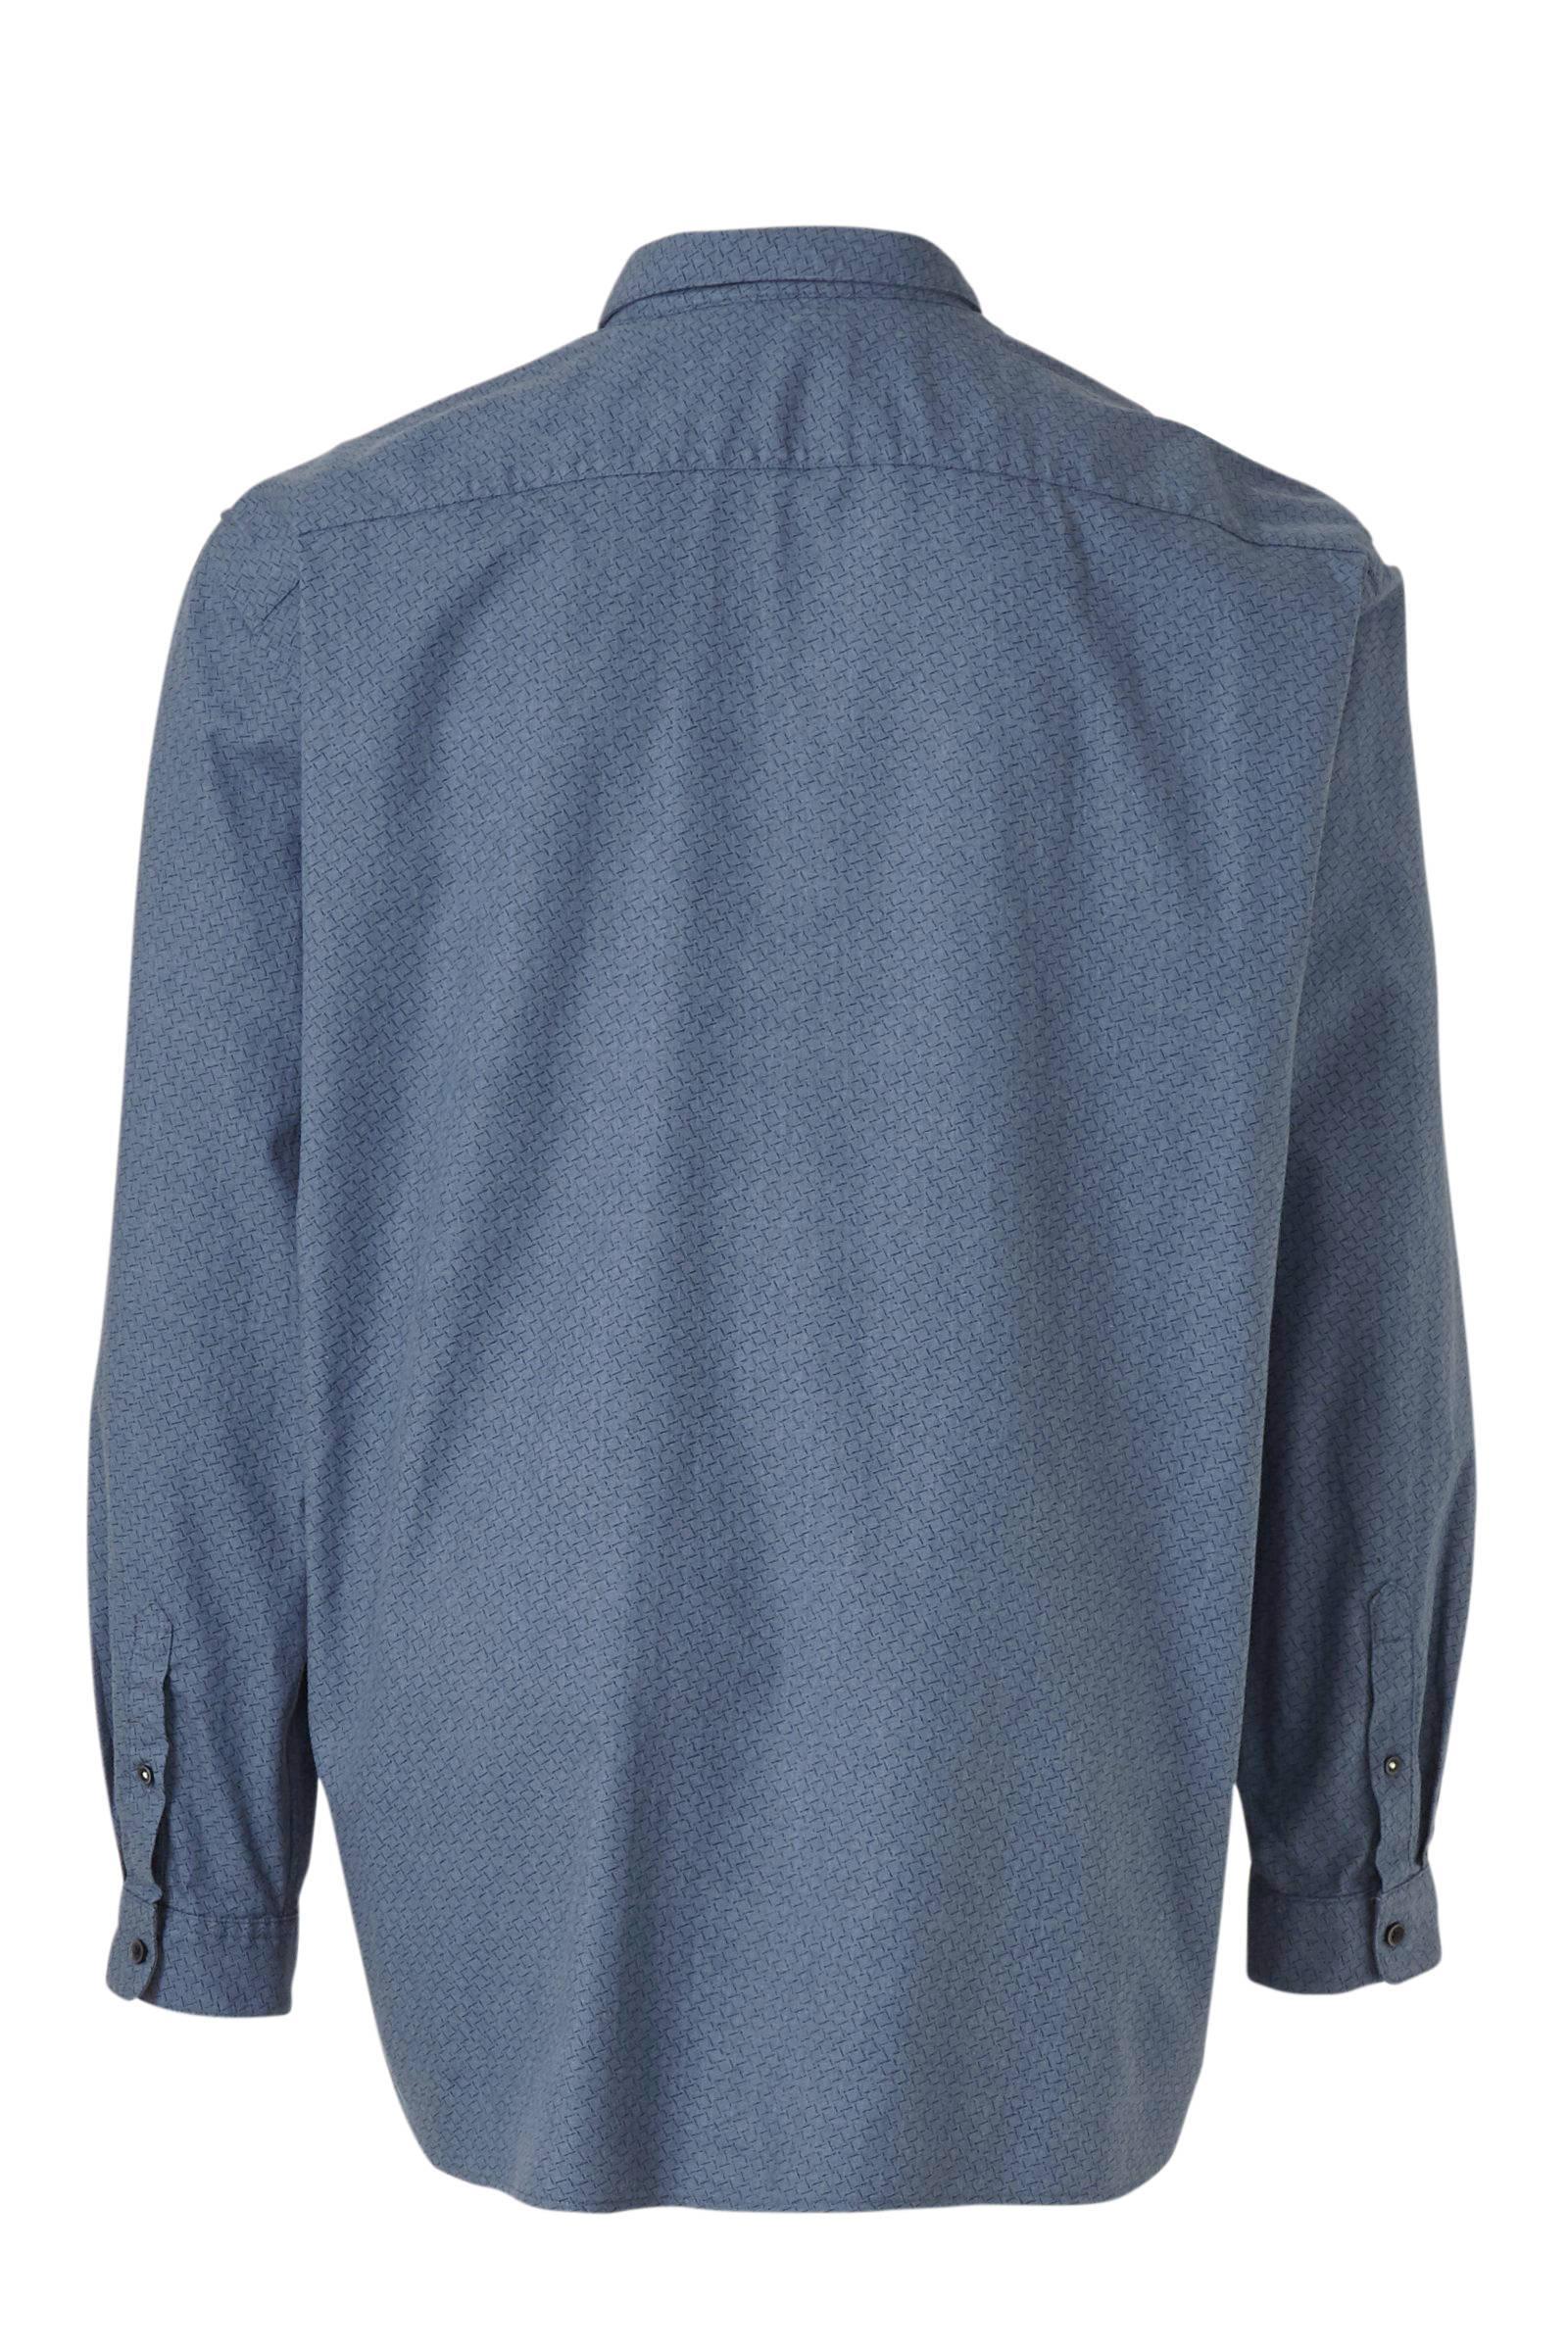 S.oliver Big Size Regular Fit Overhemd Met All Over Print Blauw in het Blauw voor heren